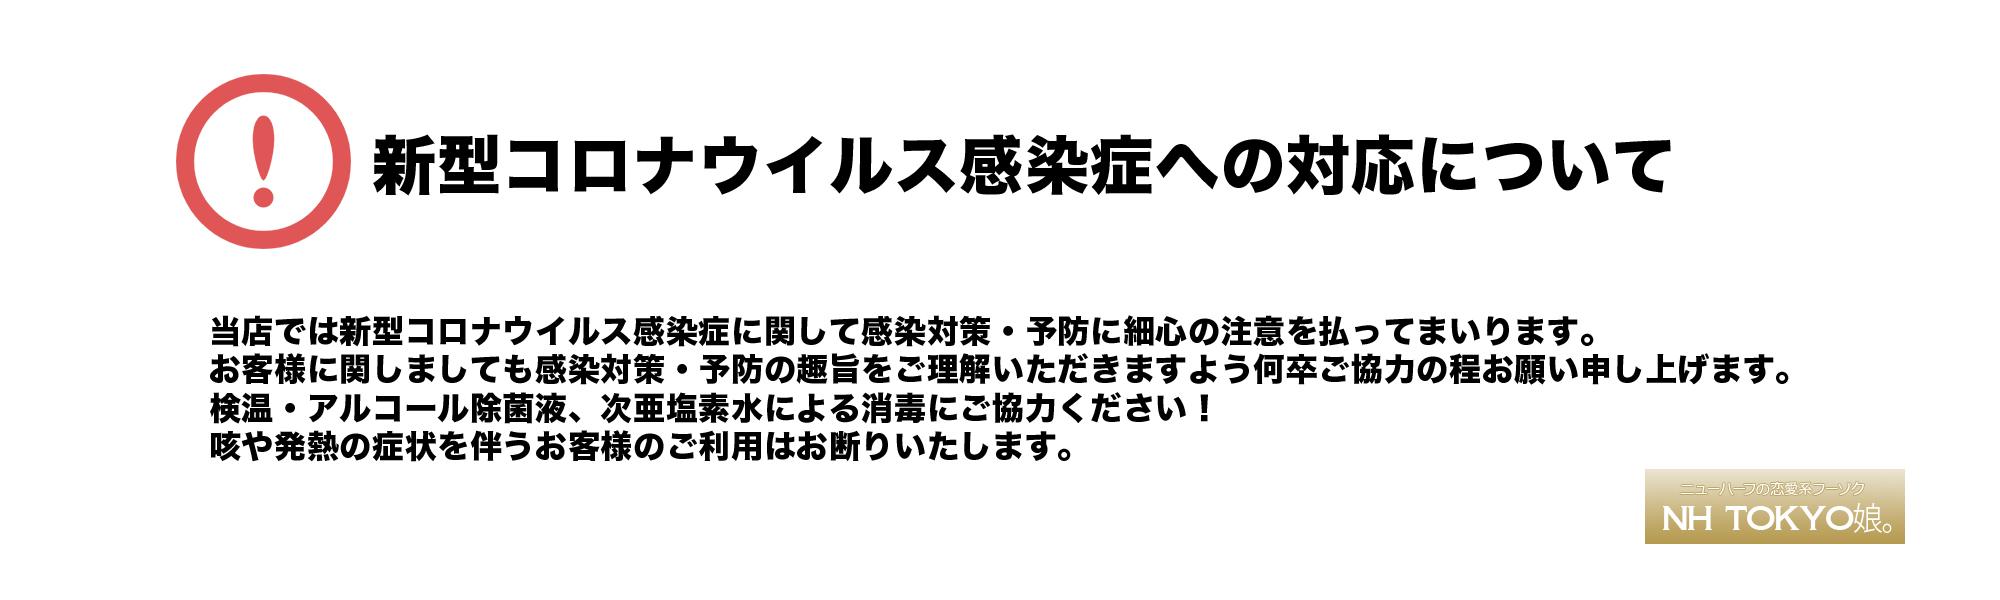 錦糸町ホテヘル ニューハーフのNH TOKYO娘。20年04月_コロナ